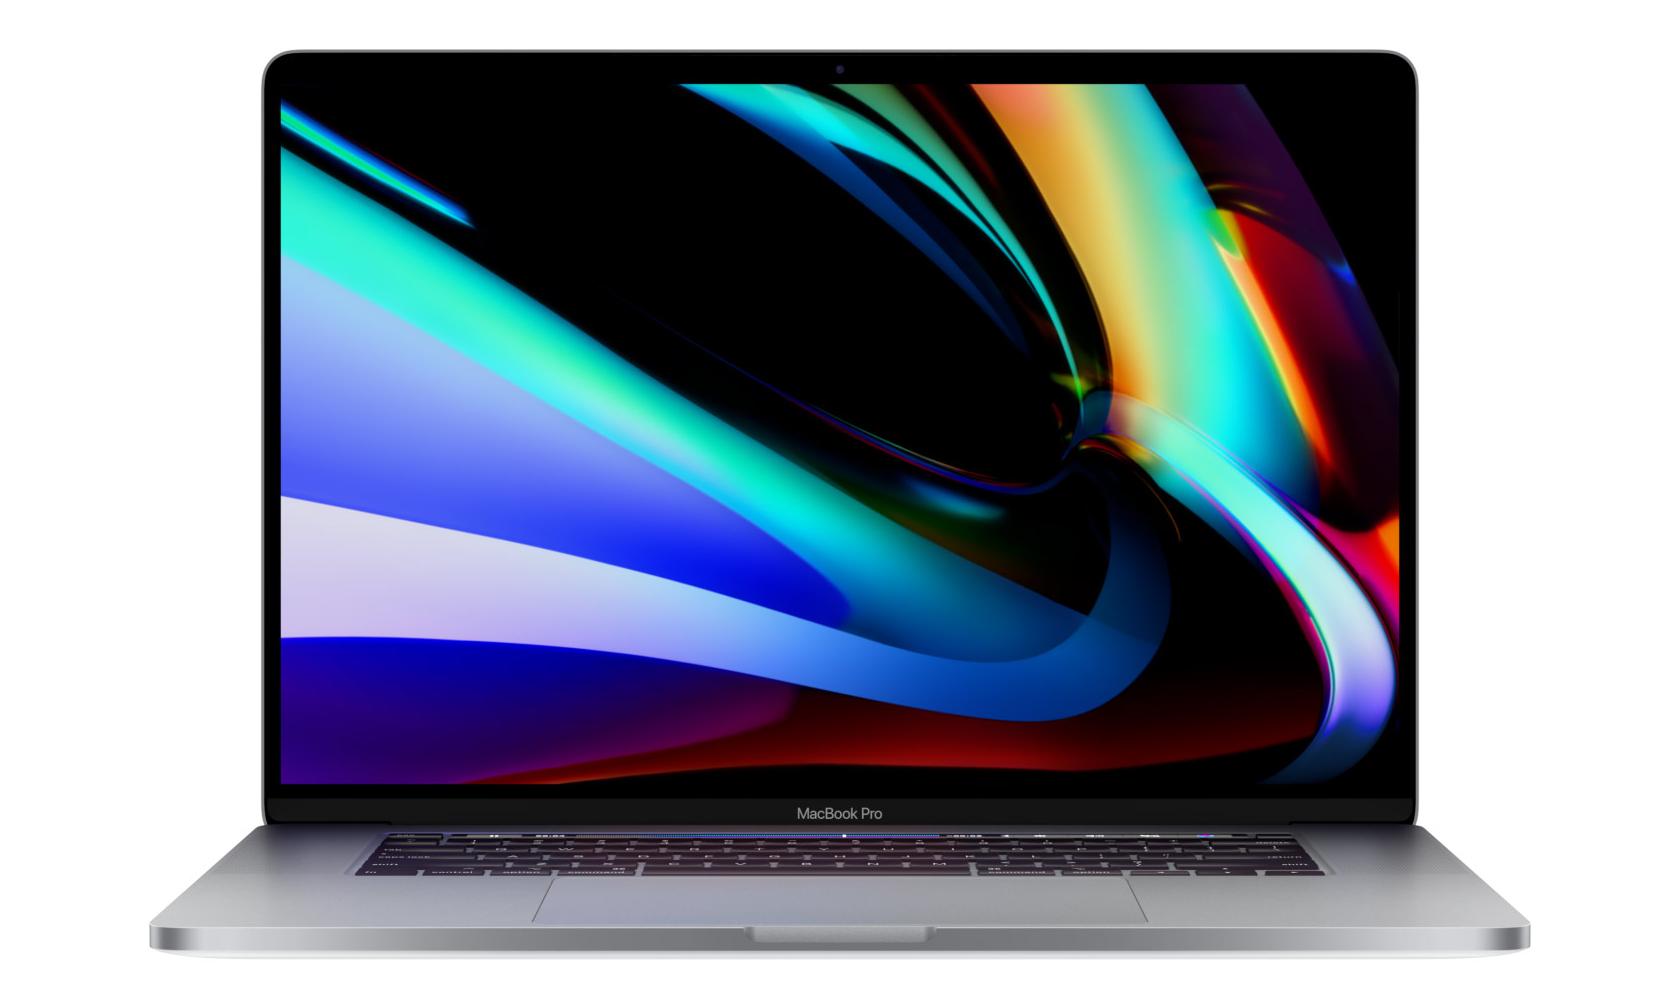 苹果正式发布全新 16 英寸 MacBook Pro